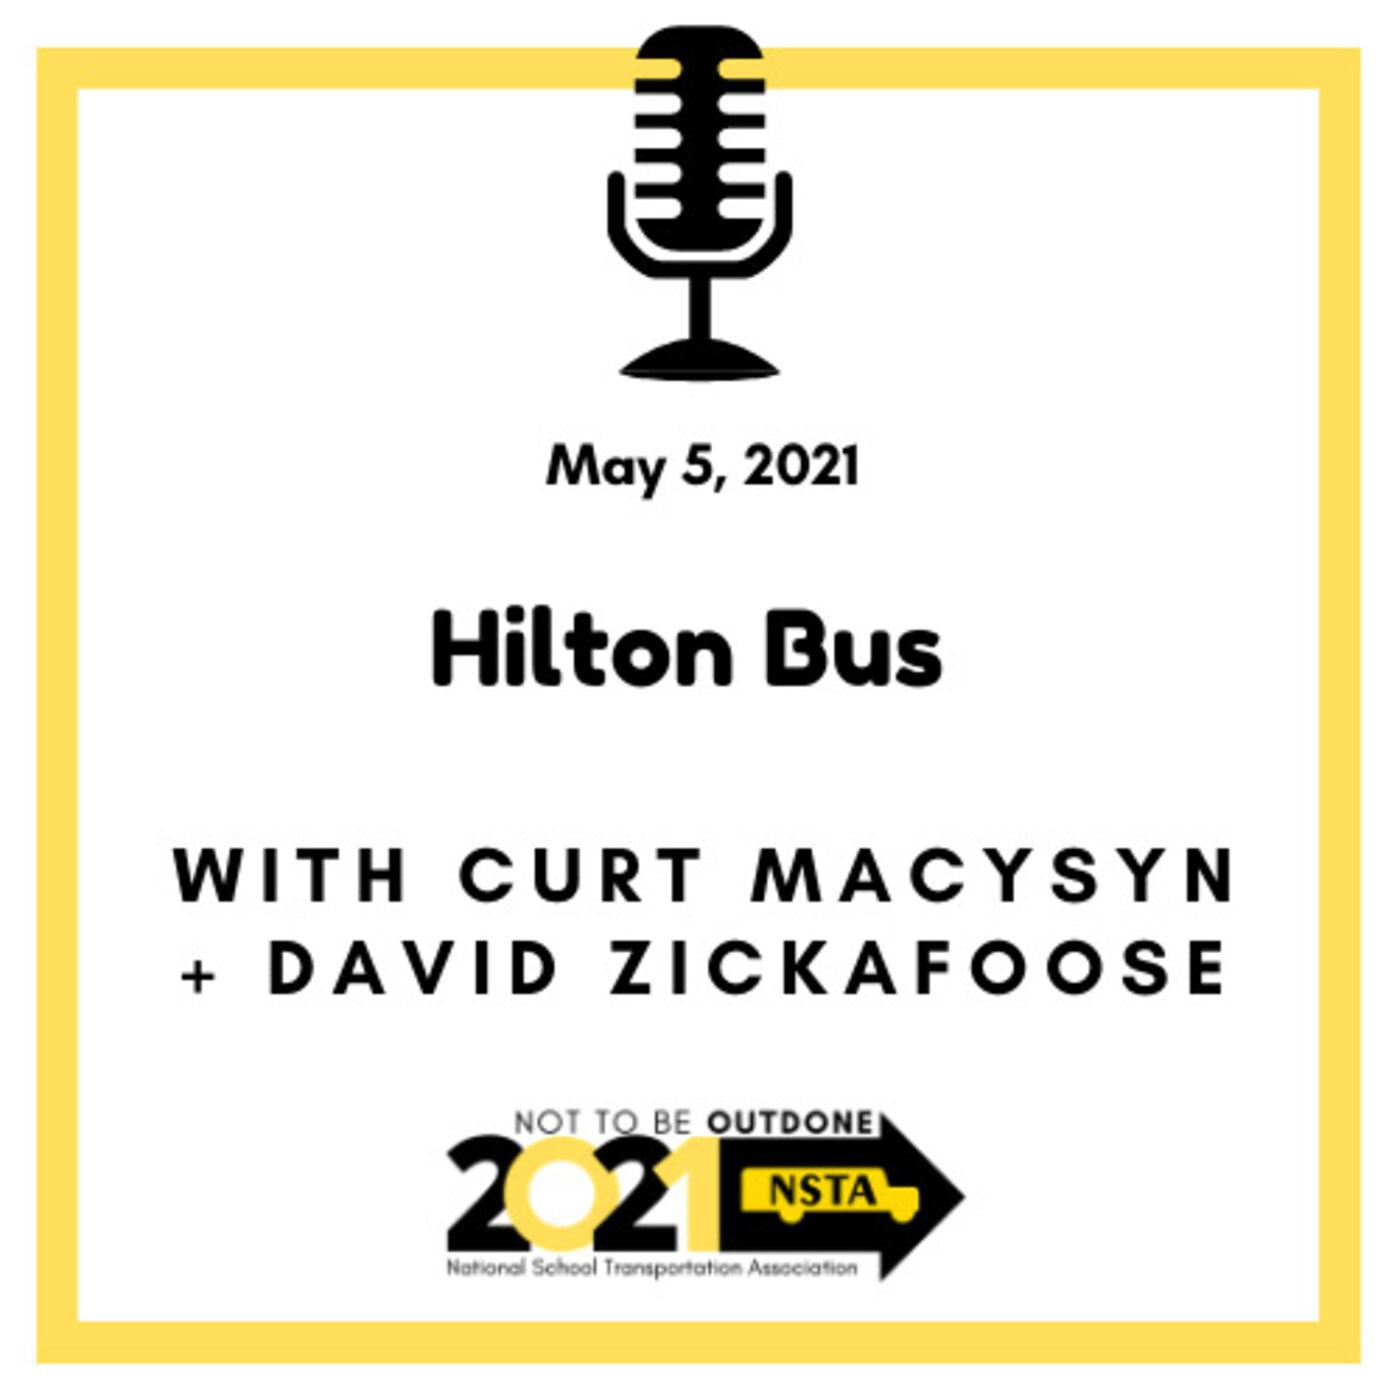 David Zickafoose | Owner | Hilton Bus